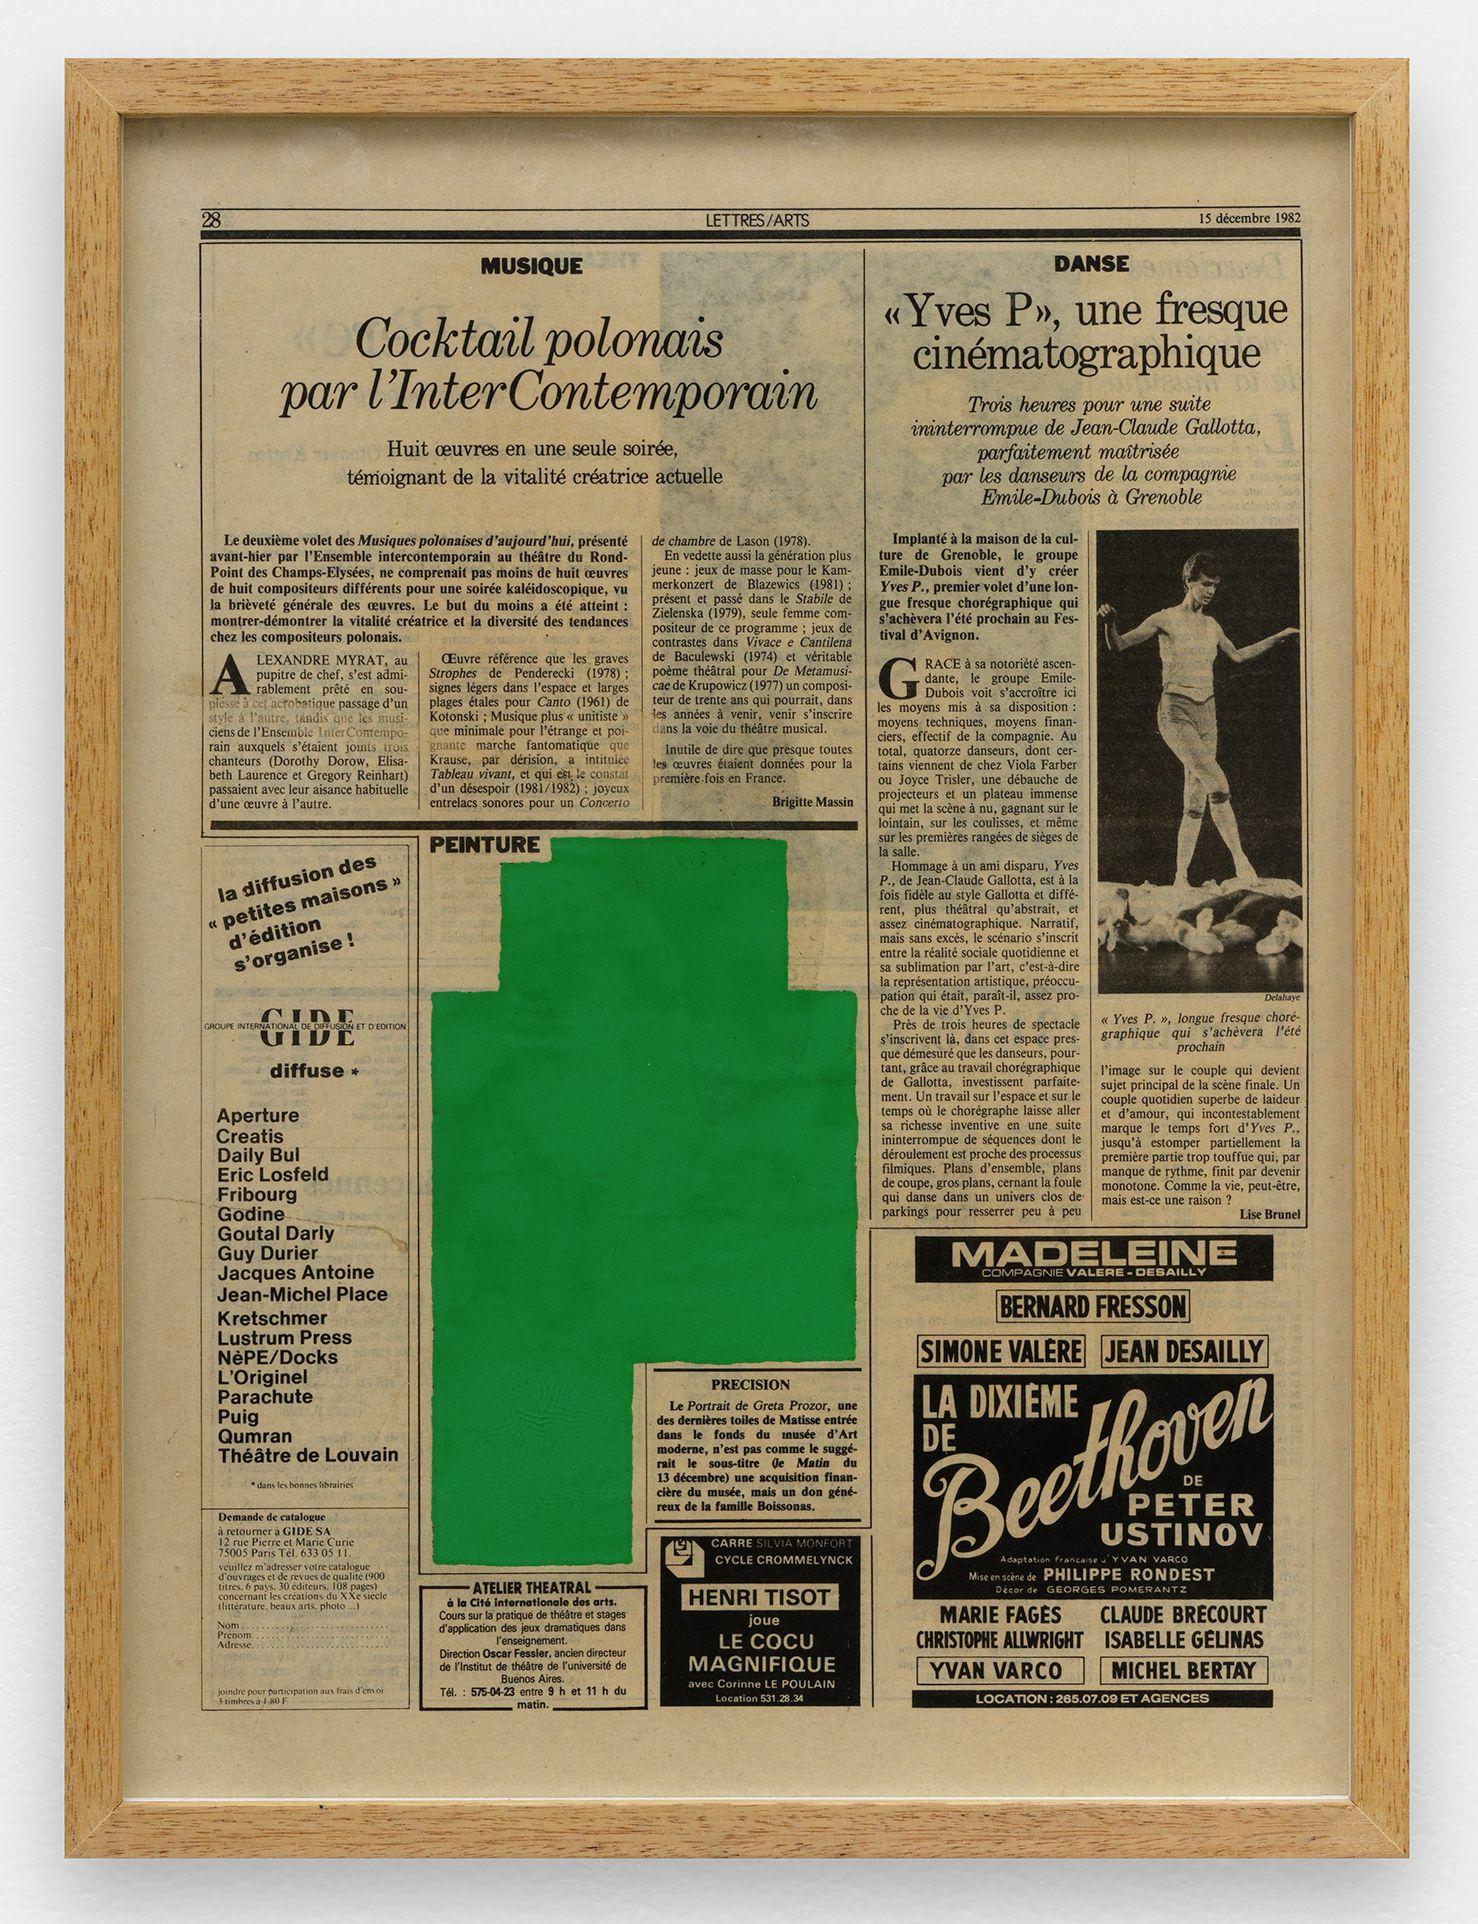 Ernest T., Le Quotidien de Paris , 15 décembre 1982, 1982 Laque sur page de journal39.5 × 28.5 cm / 15 1/2 × 11 2/8 in. | 42 × 31.5 × 2.5 cm / 16 1/2 × 12 3/8 × 1  in. (encadré/framed)